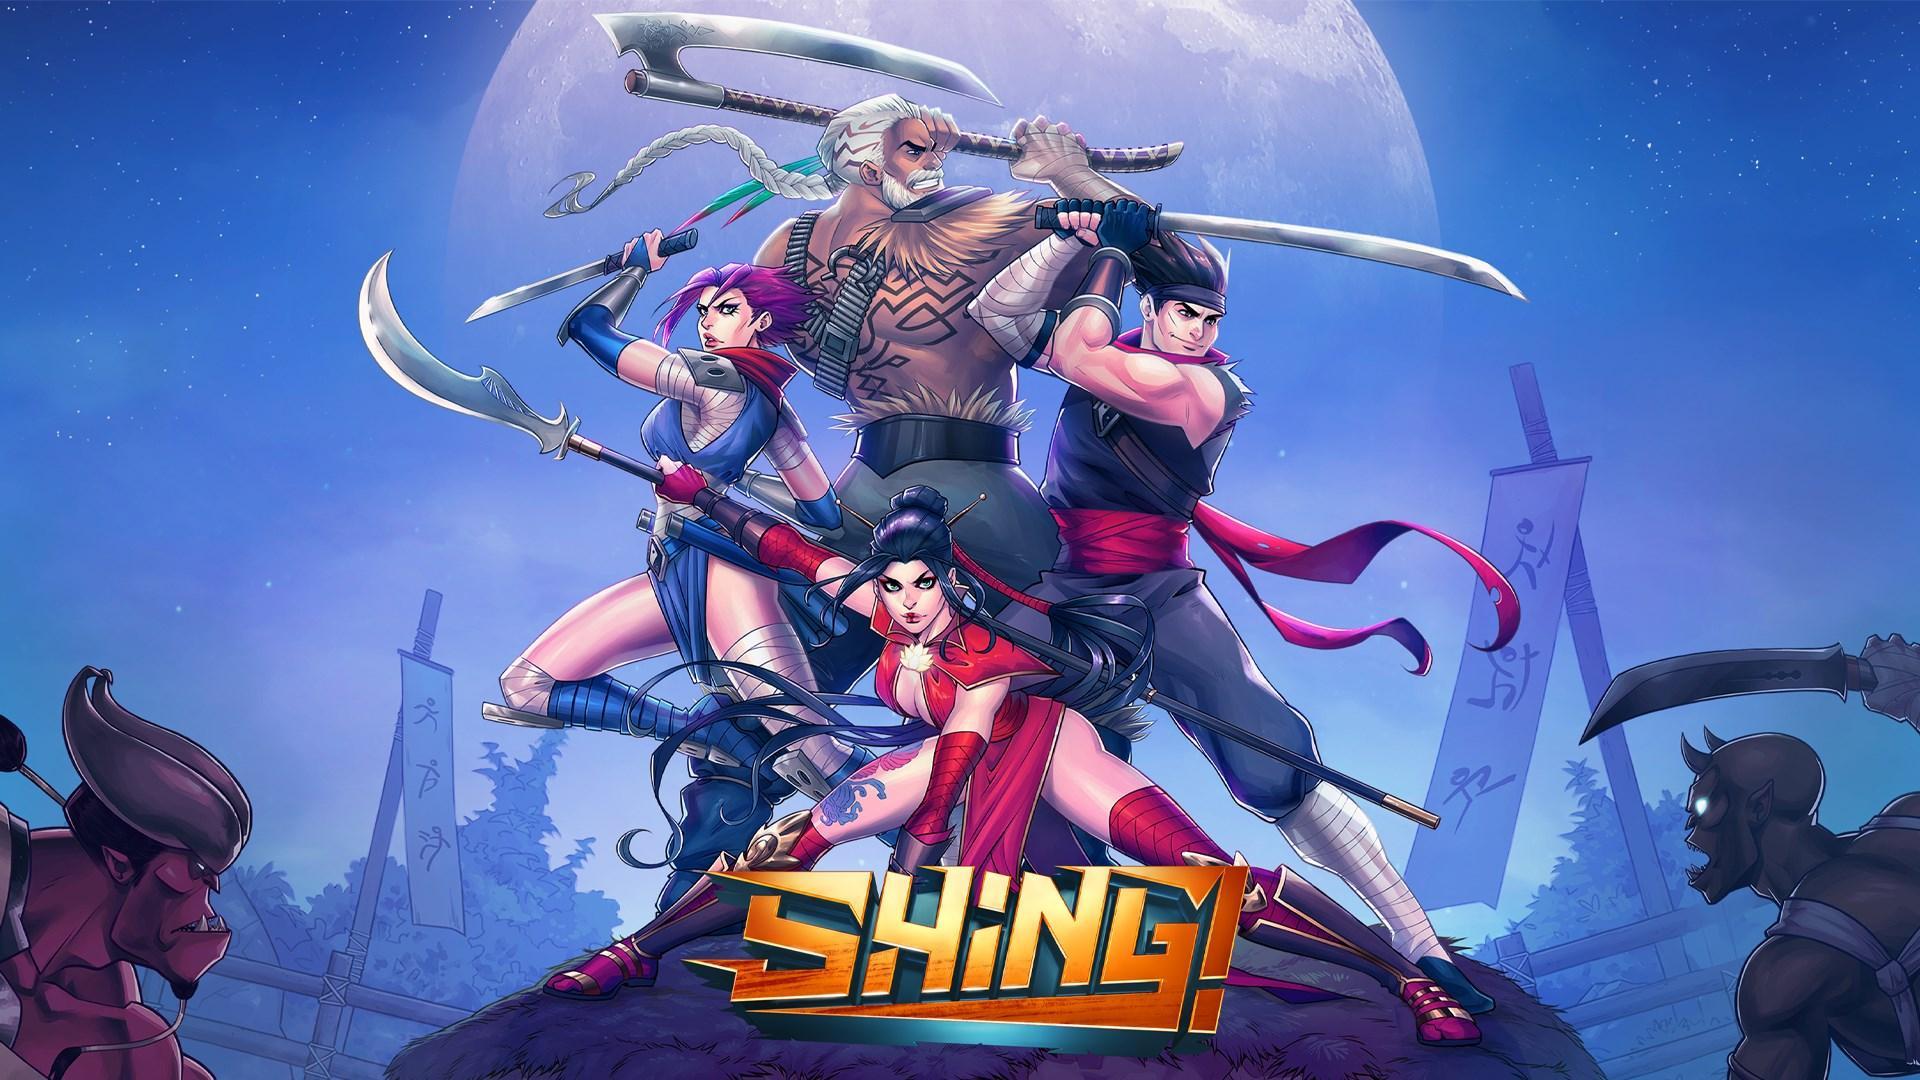 Shing! Main title